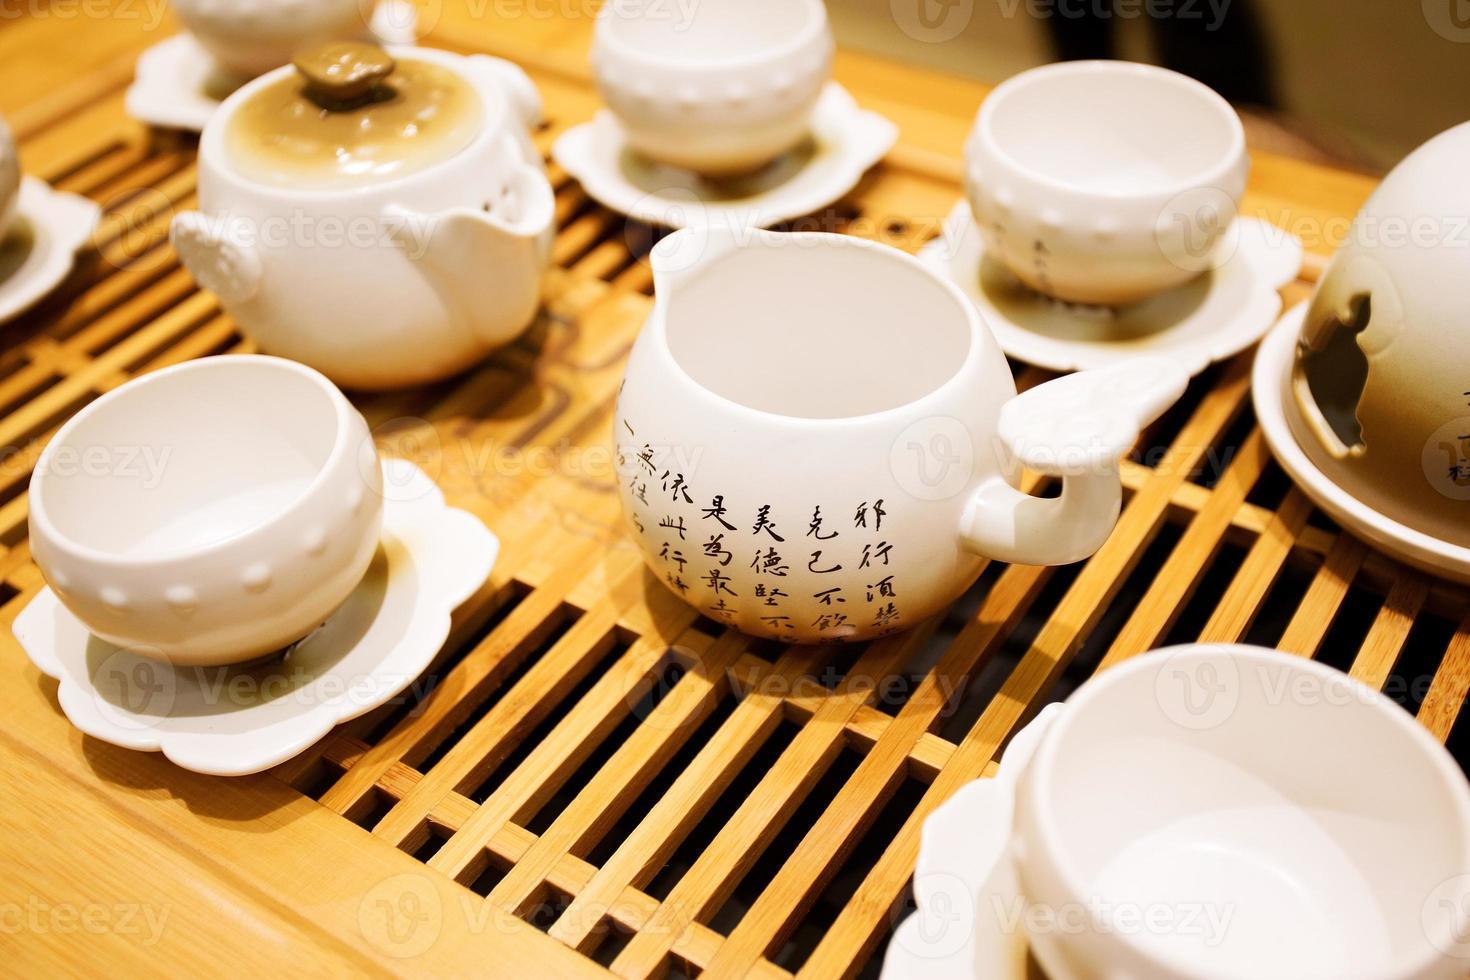 klassisches asiatisches Teeservice foto